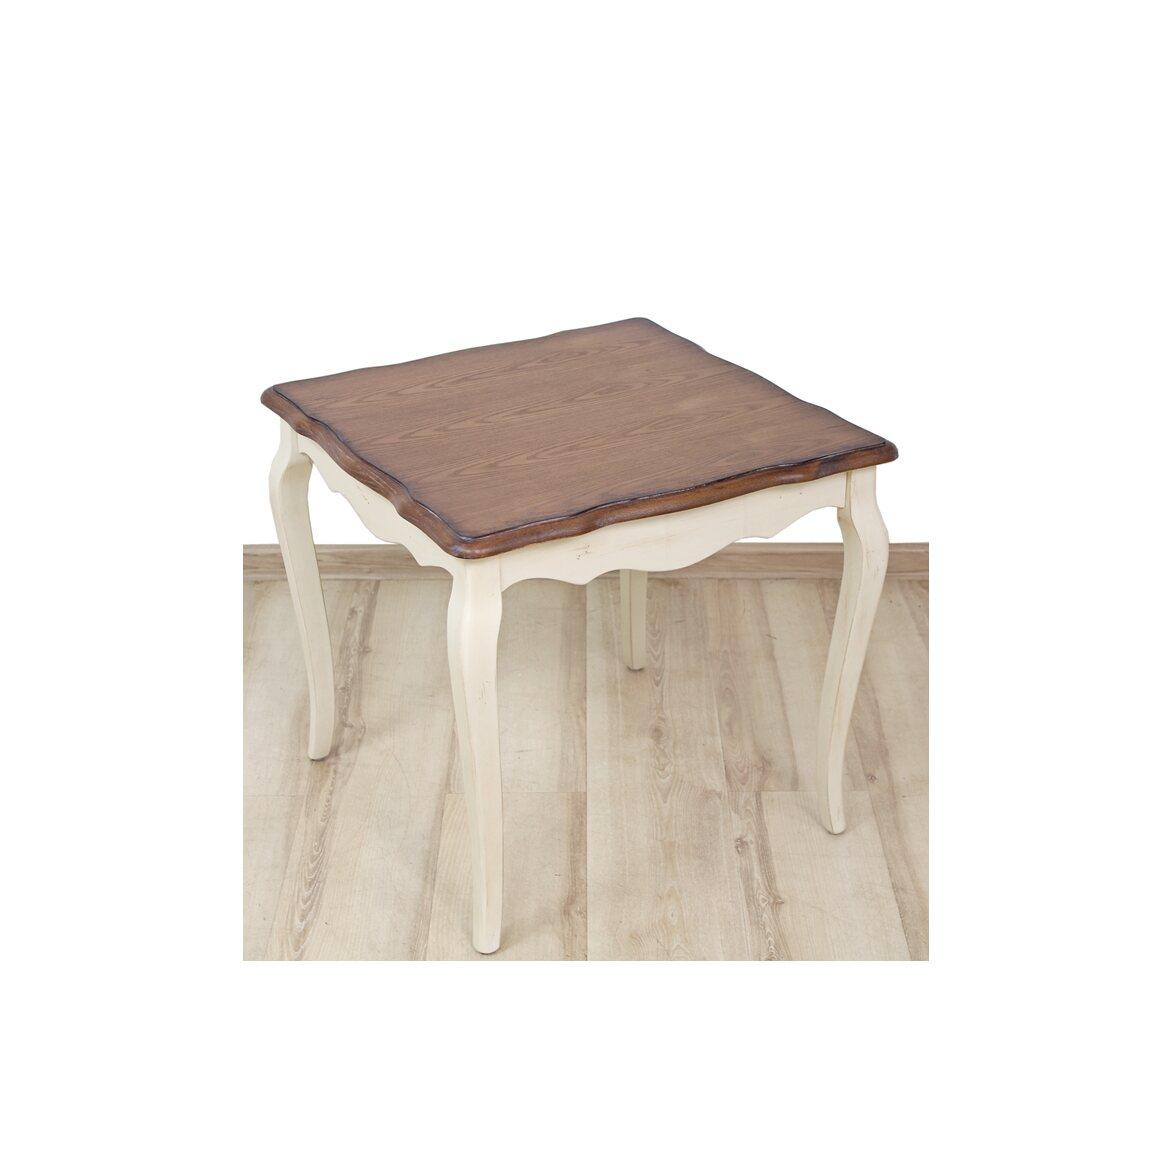 Чайный столик (квадратный) Leontina, бежевого цвета 4 | Журнальные столики Kingsby